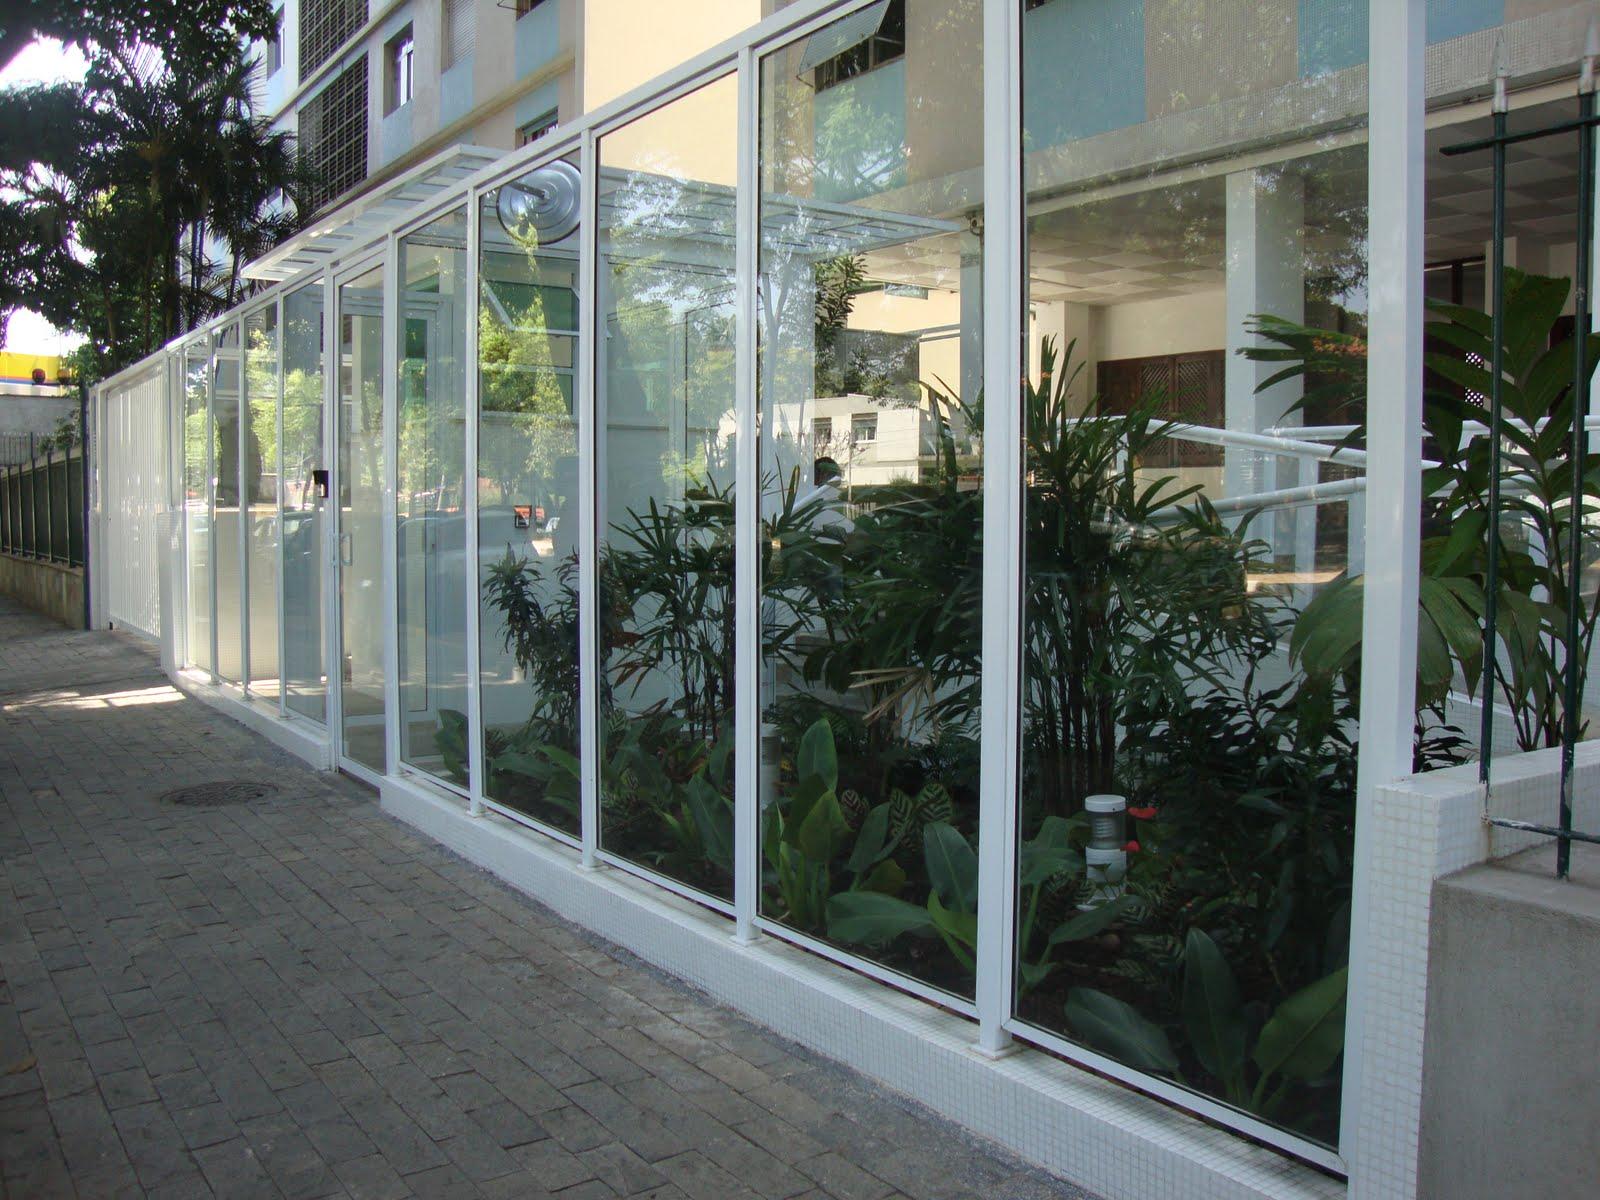 #797952  de Alumínio: Fachadas em Vidro e AlumínioHPA Esquadrias de Alumínio 532 Janelas Em Aluminio E Vidro